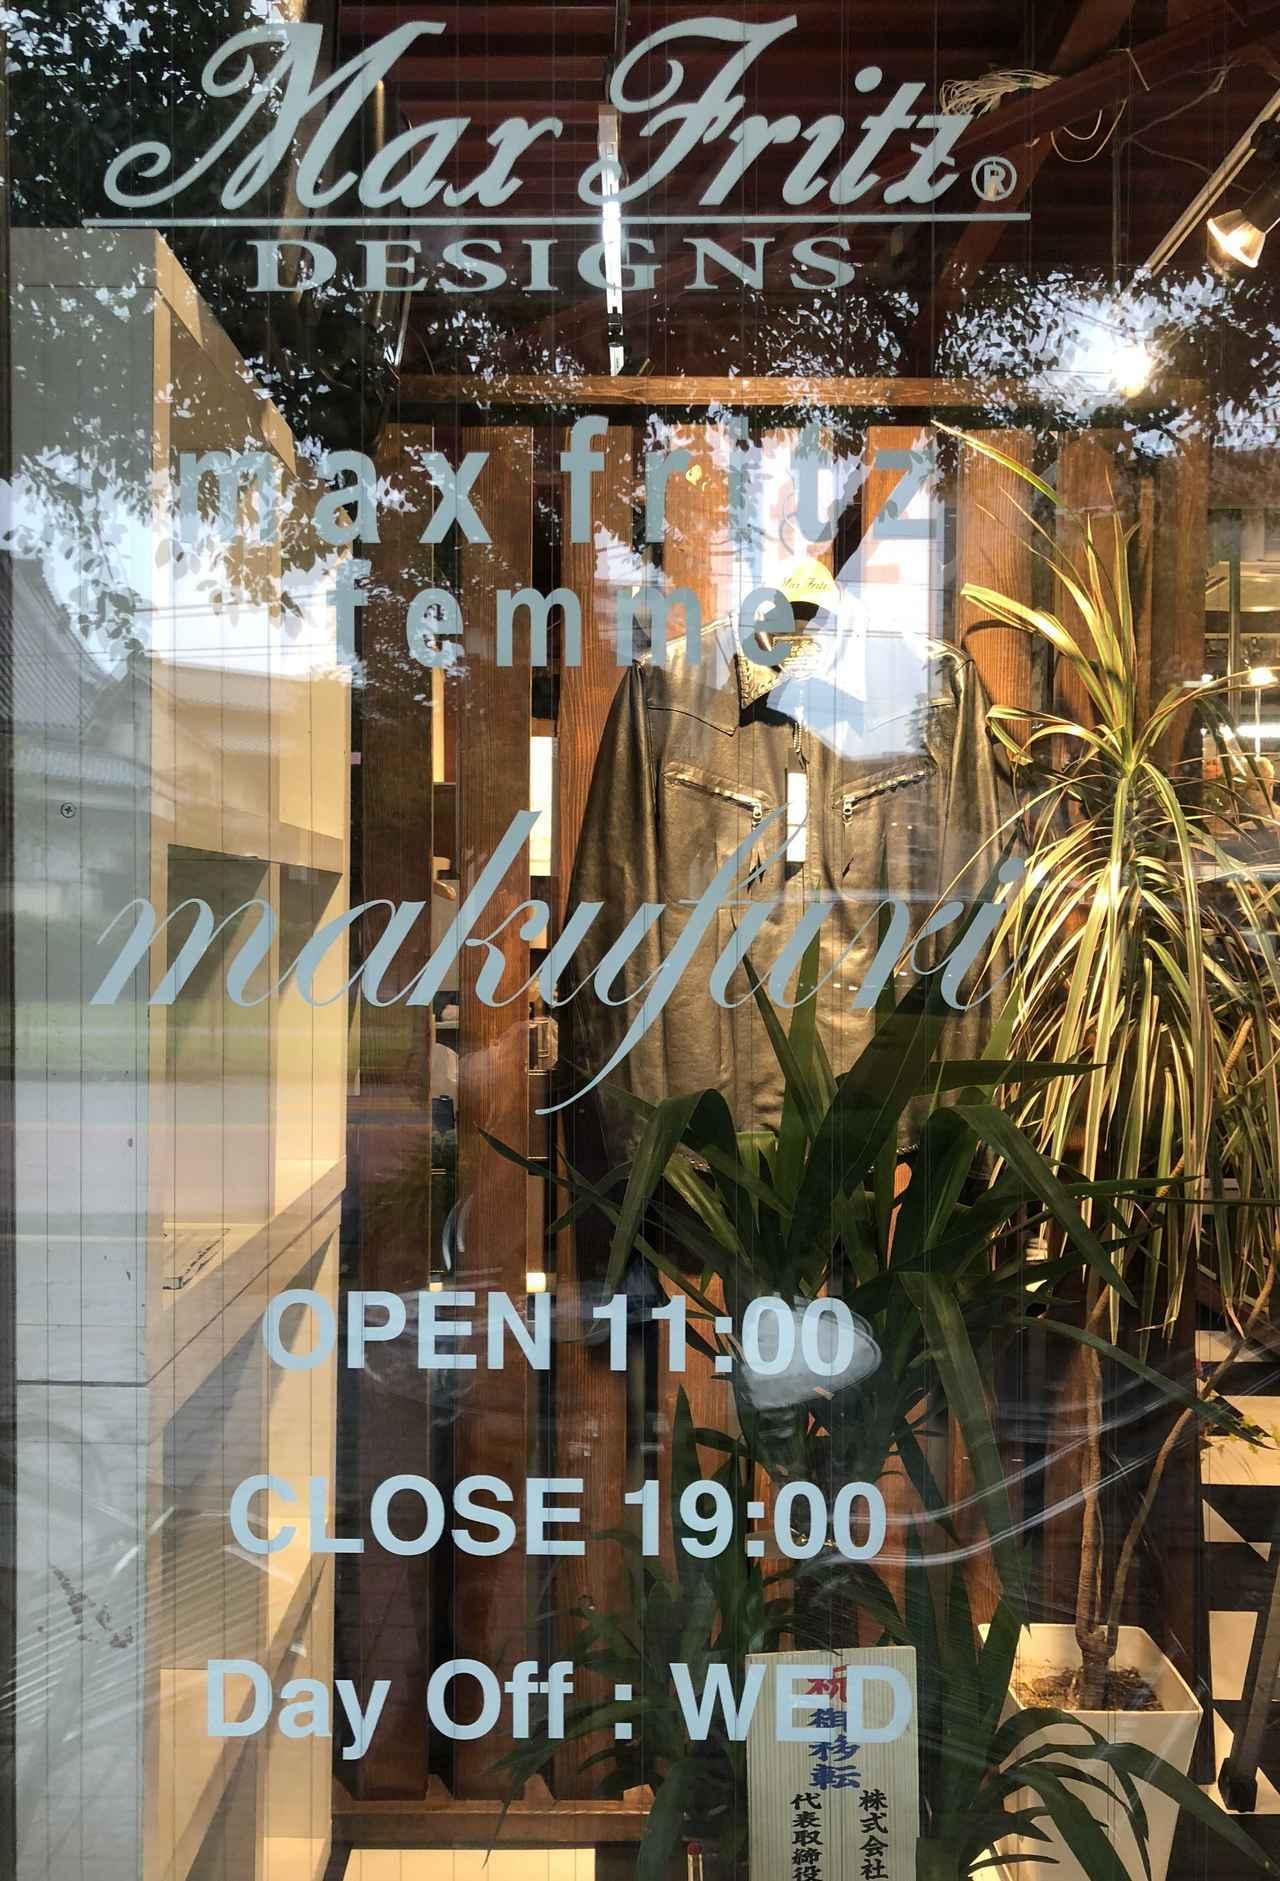 画像5: 大人のためのライディングアパレル MaxFritz 本店 が移転してリニュアルオープン